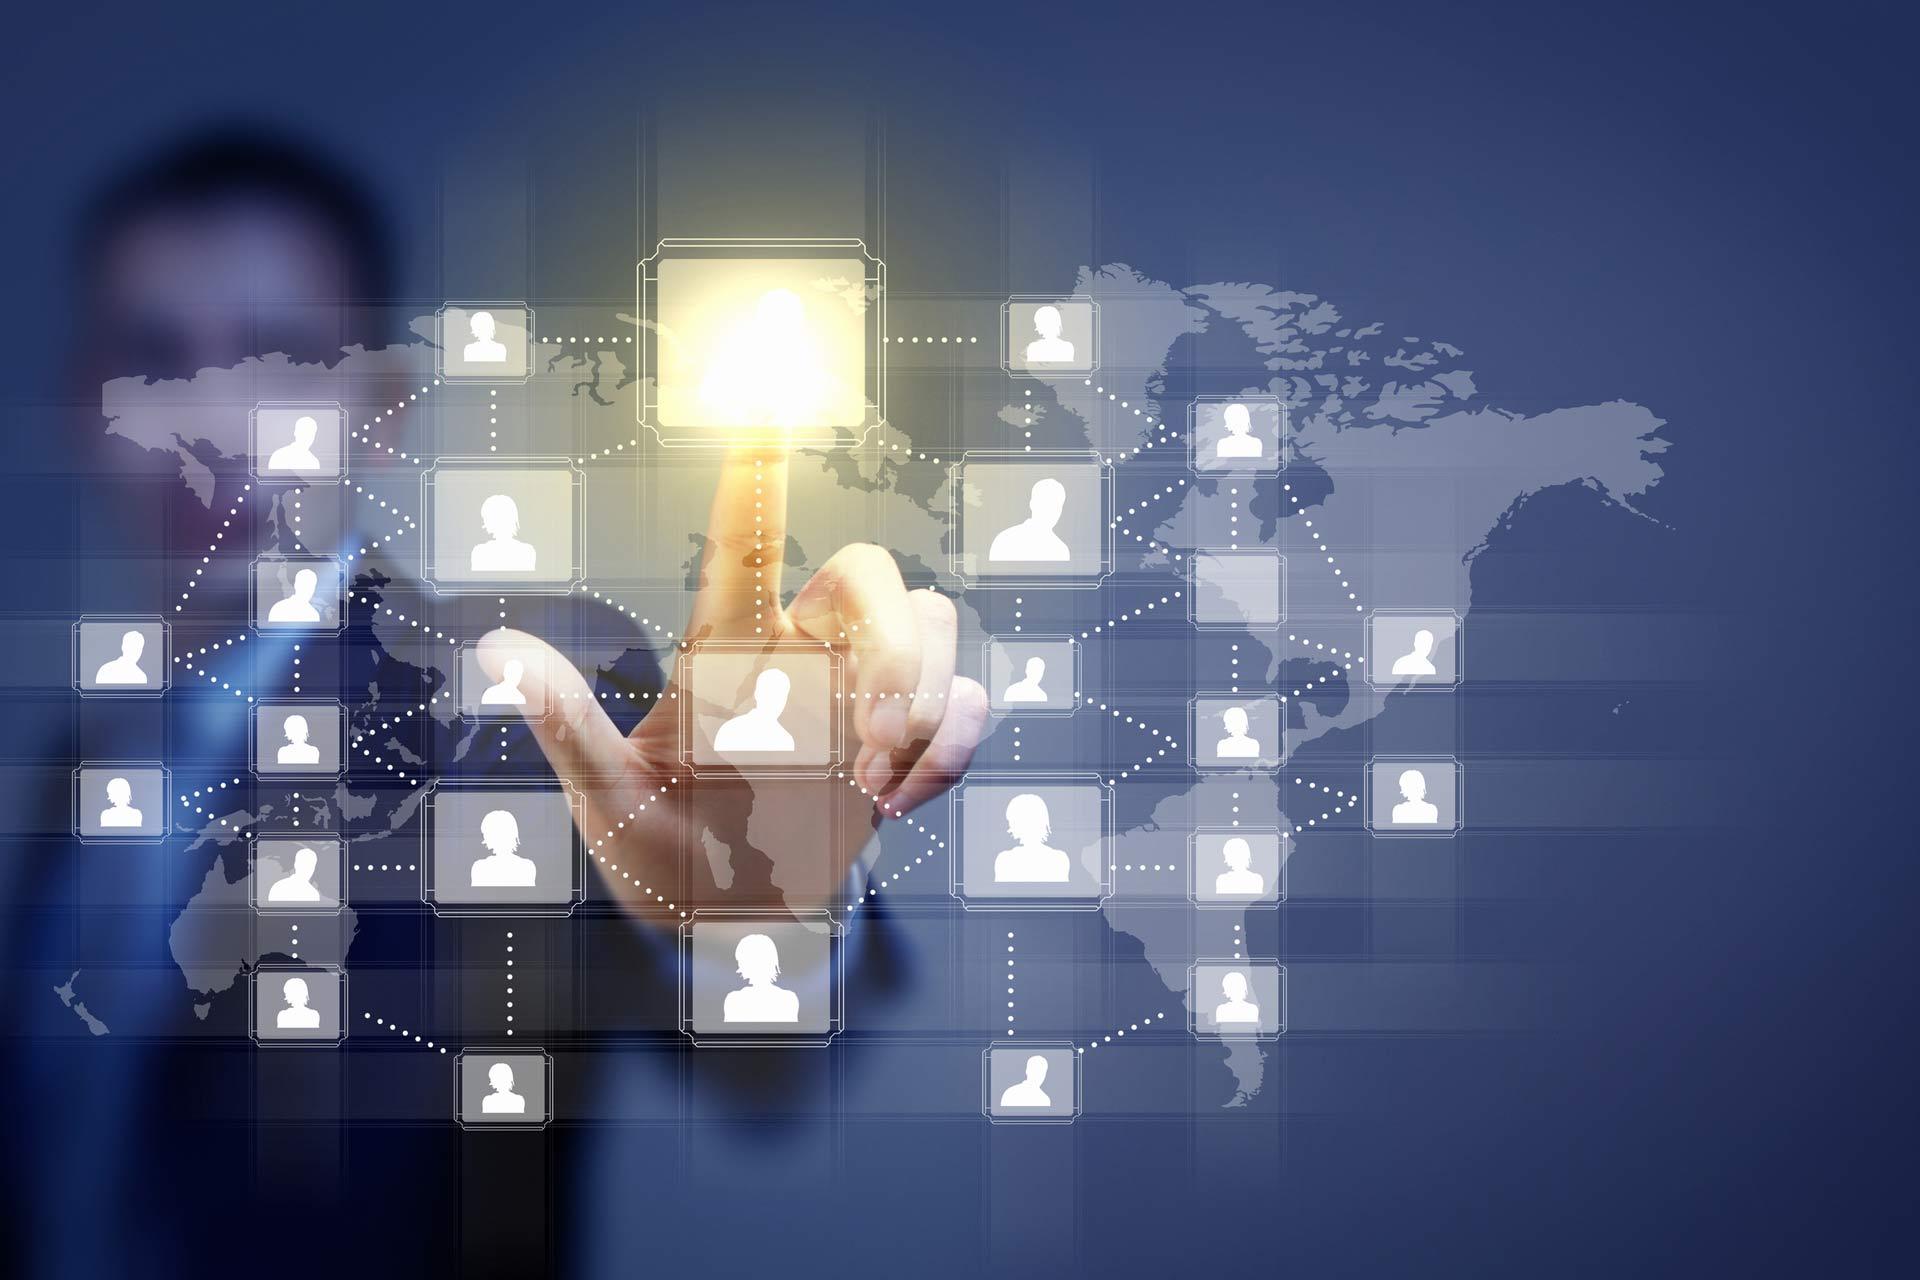 szkolenie employer branding w social media